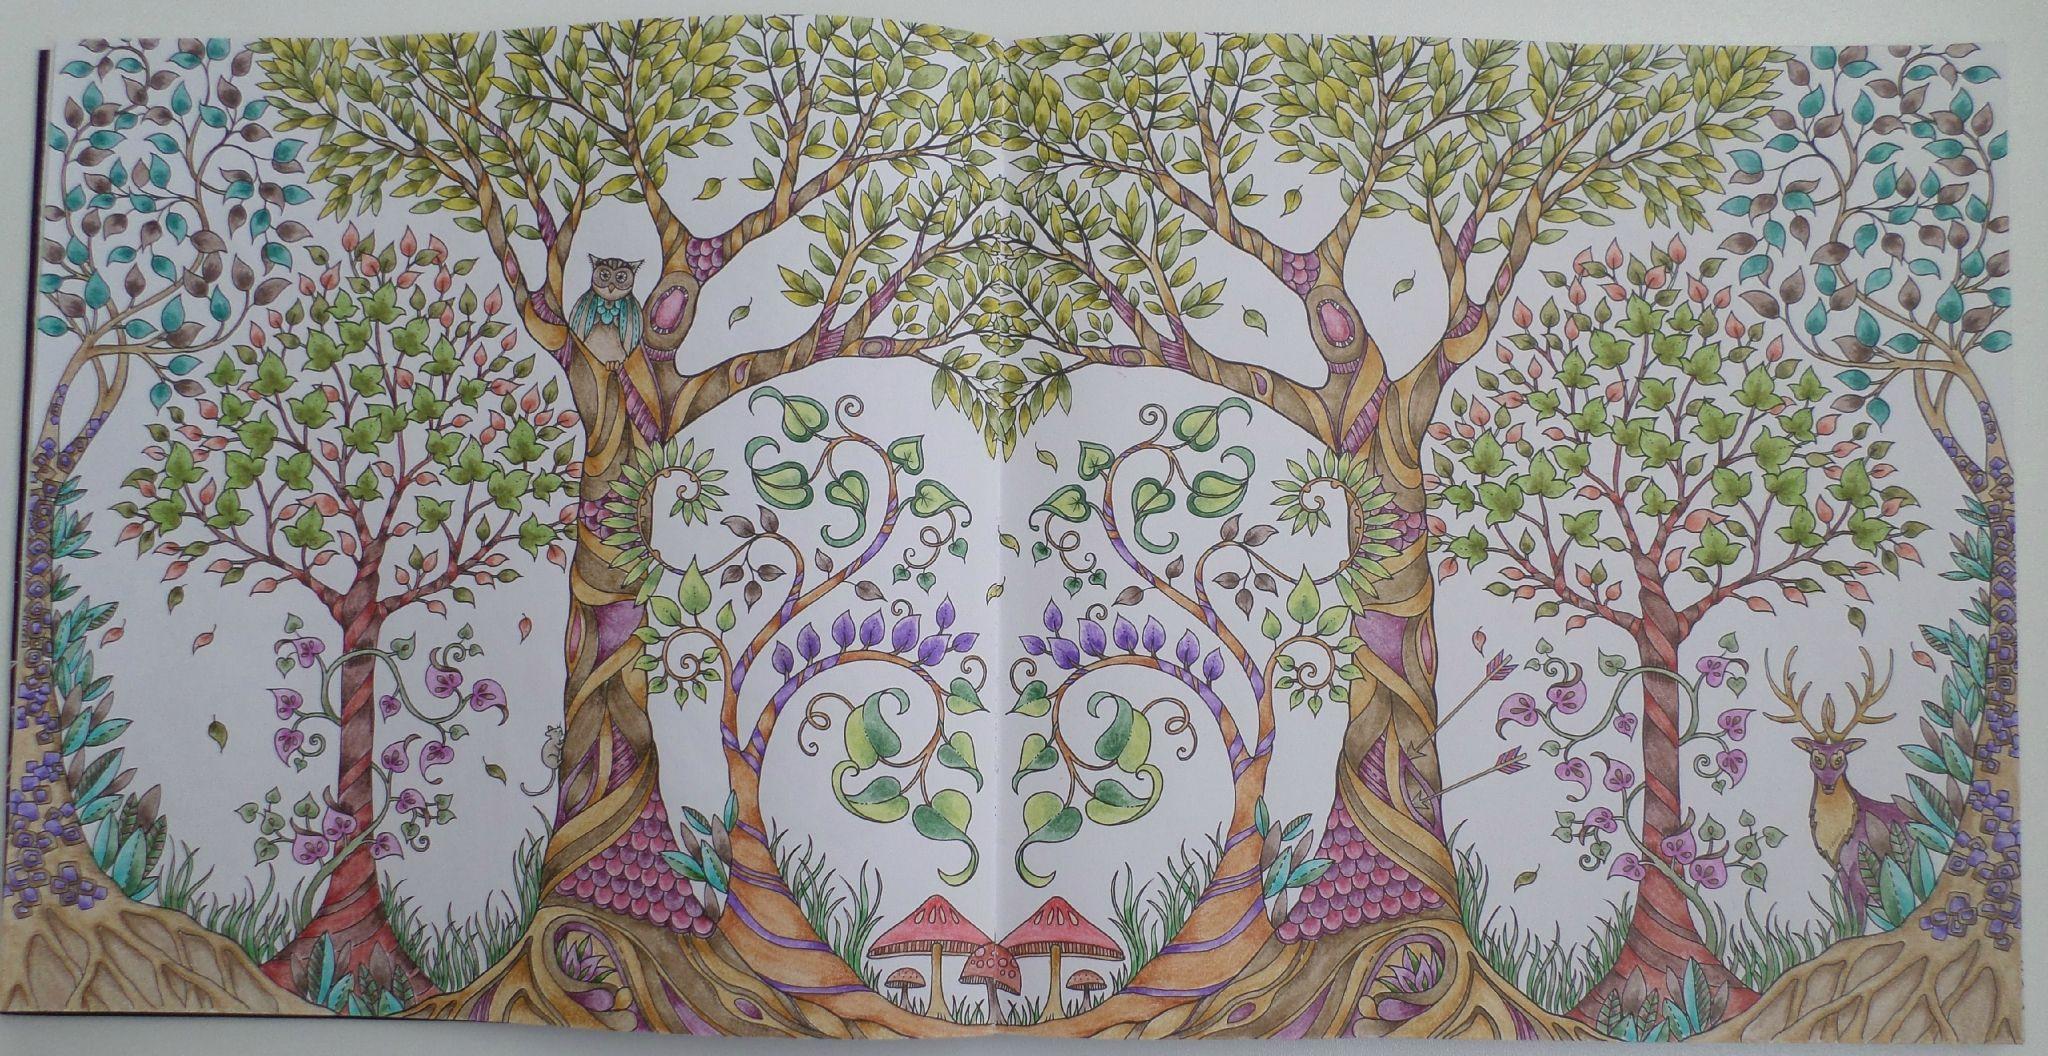 Coloriage Adulte Foret.Coloriage D Une Foret Enchantee Steffy Elsass Crea